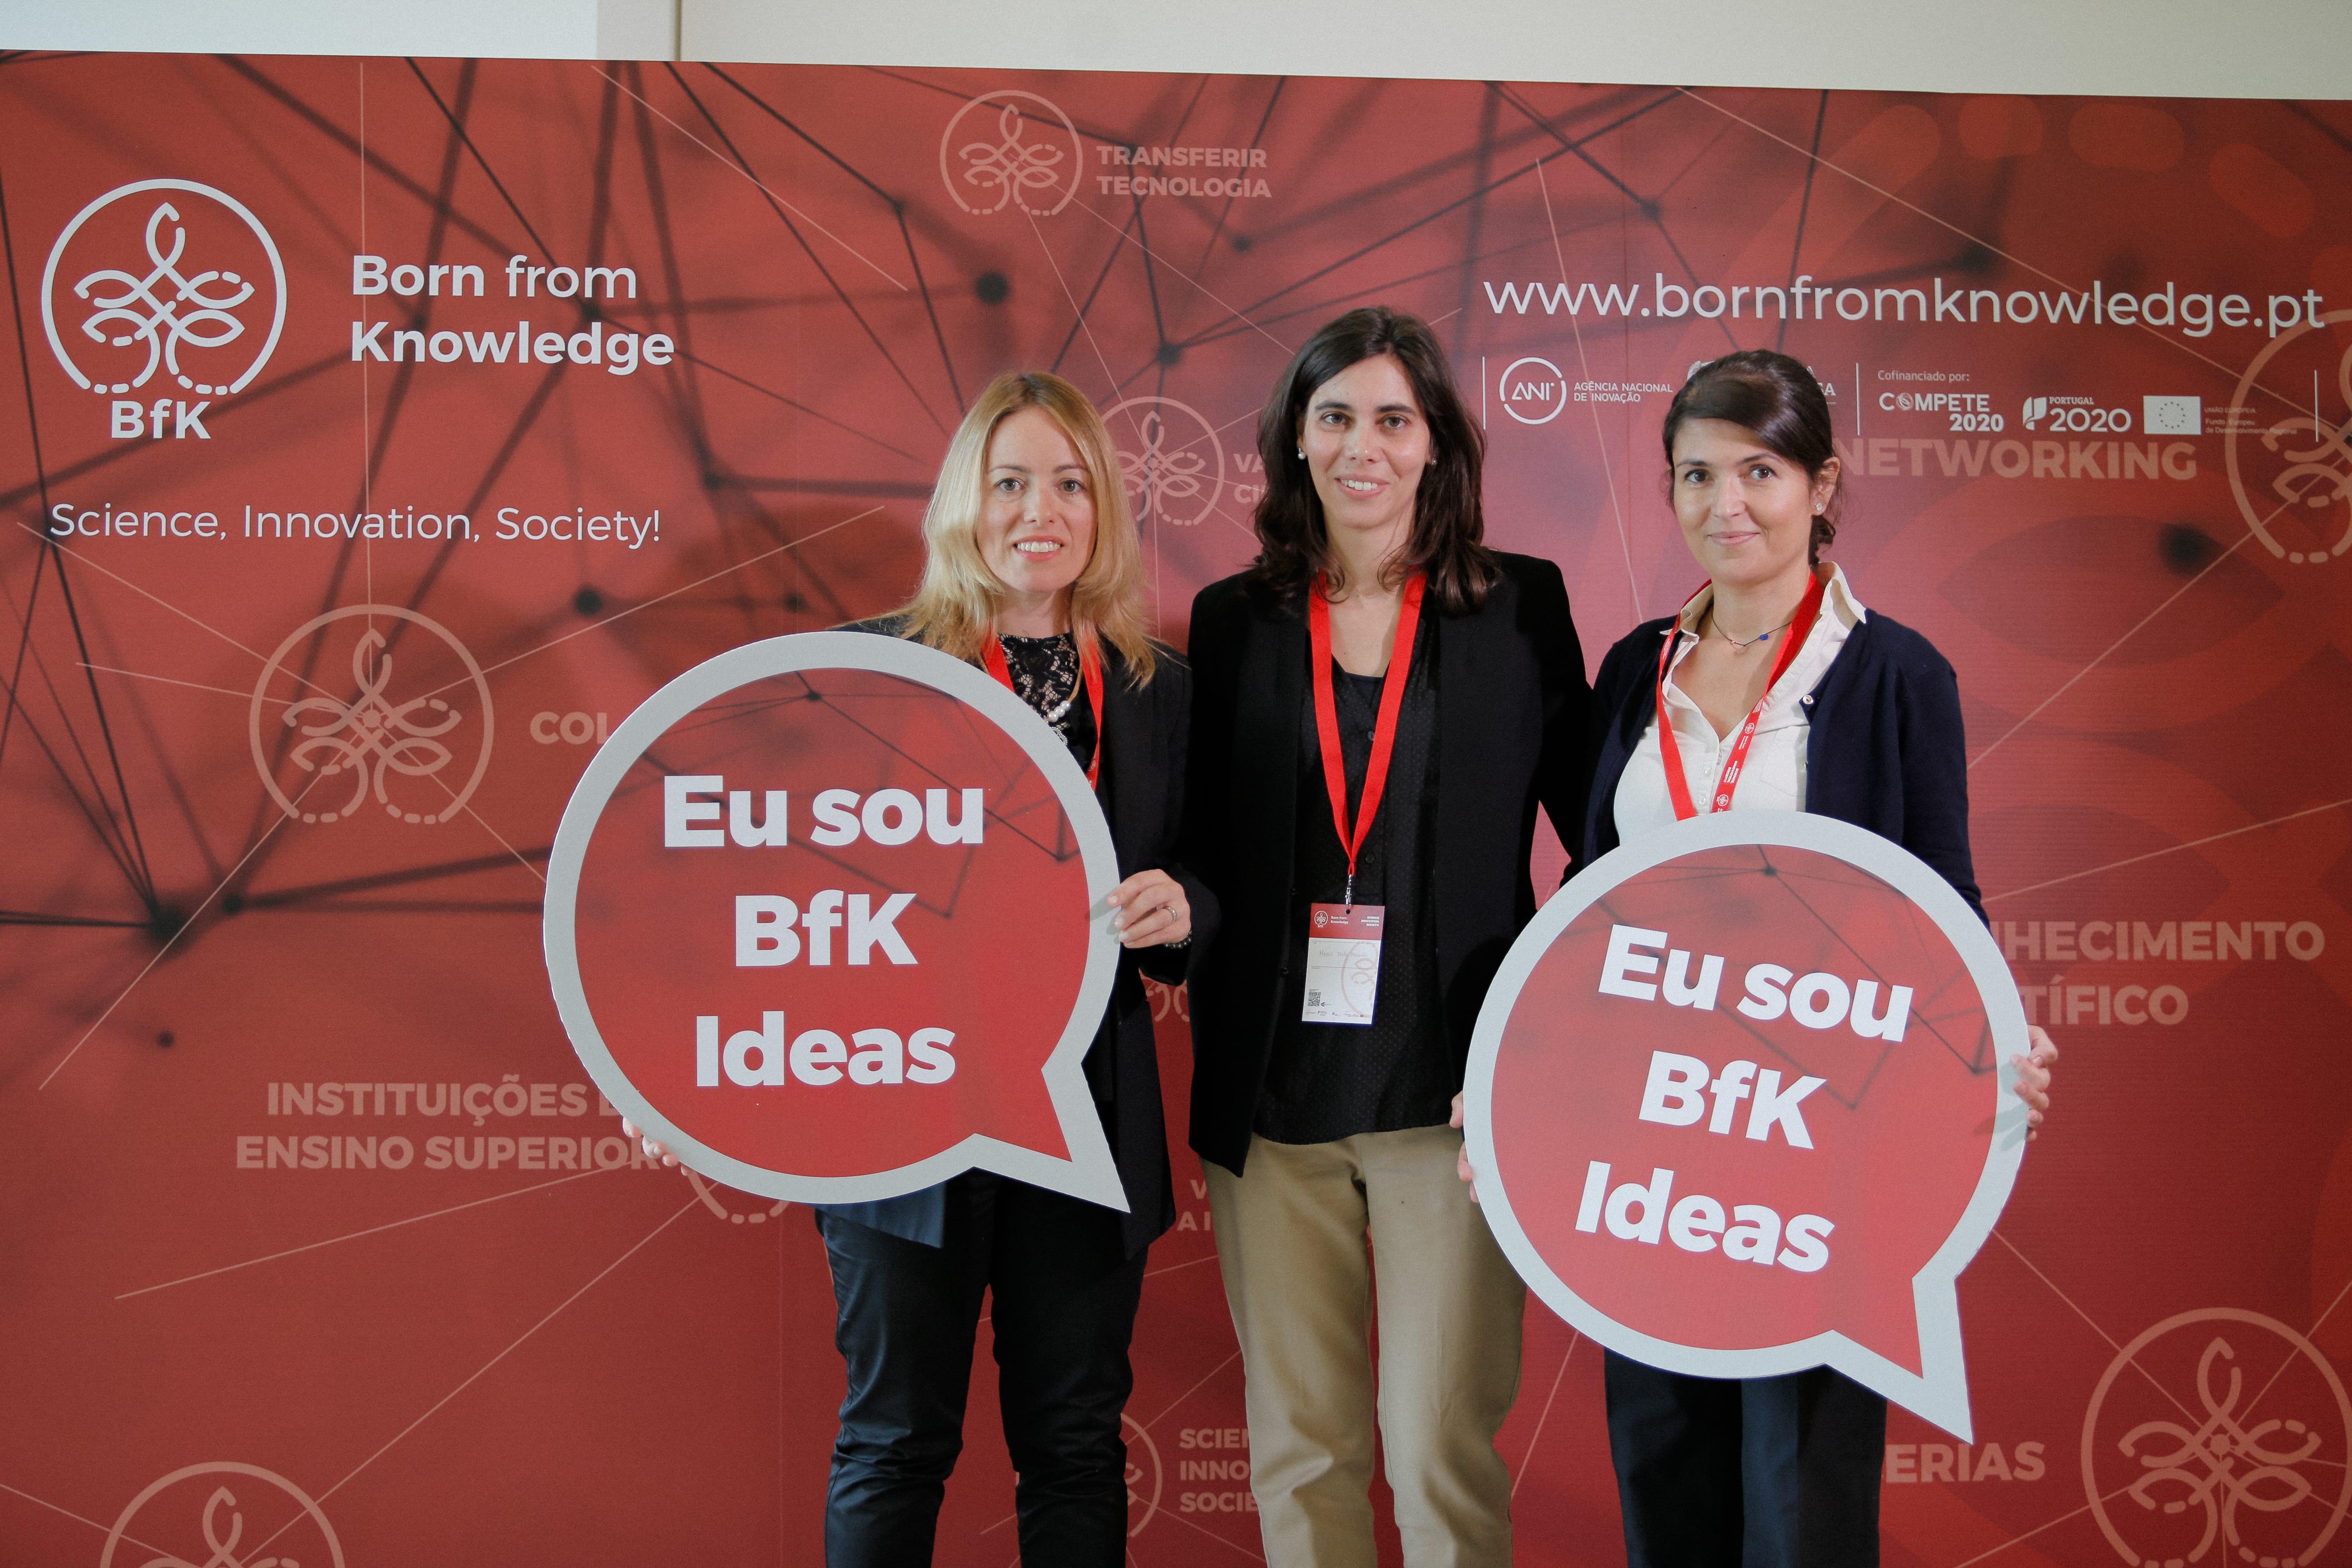 BfK Ideas1